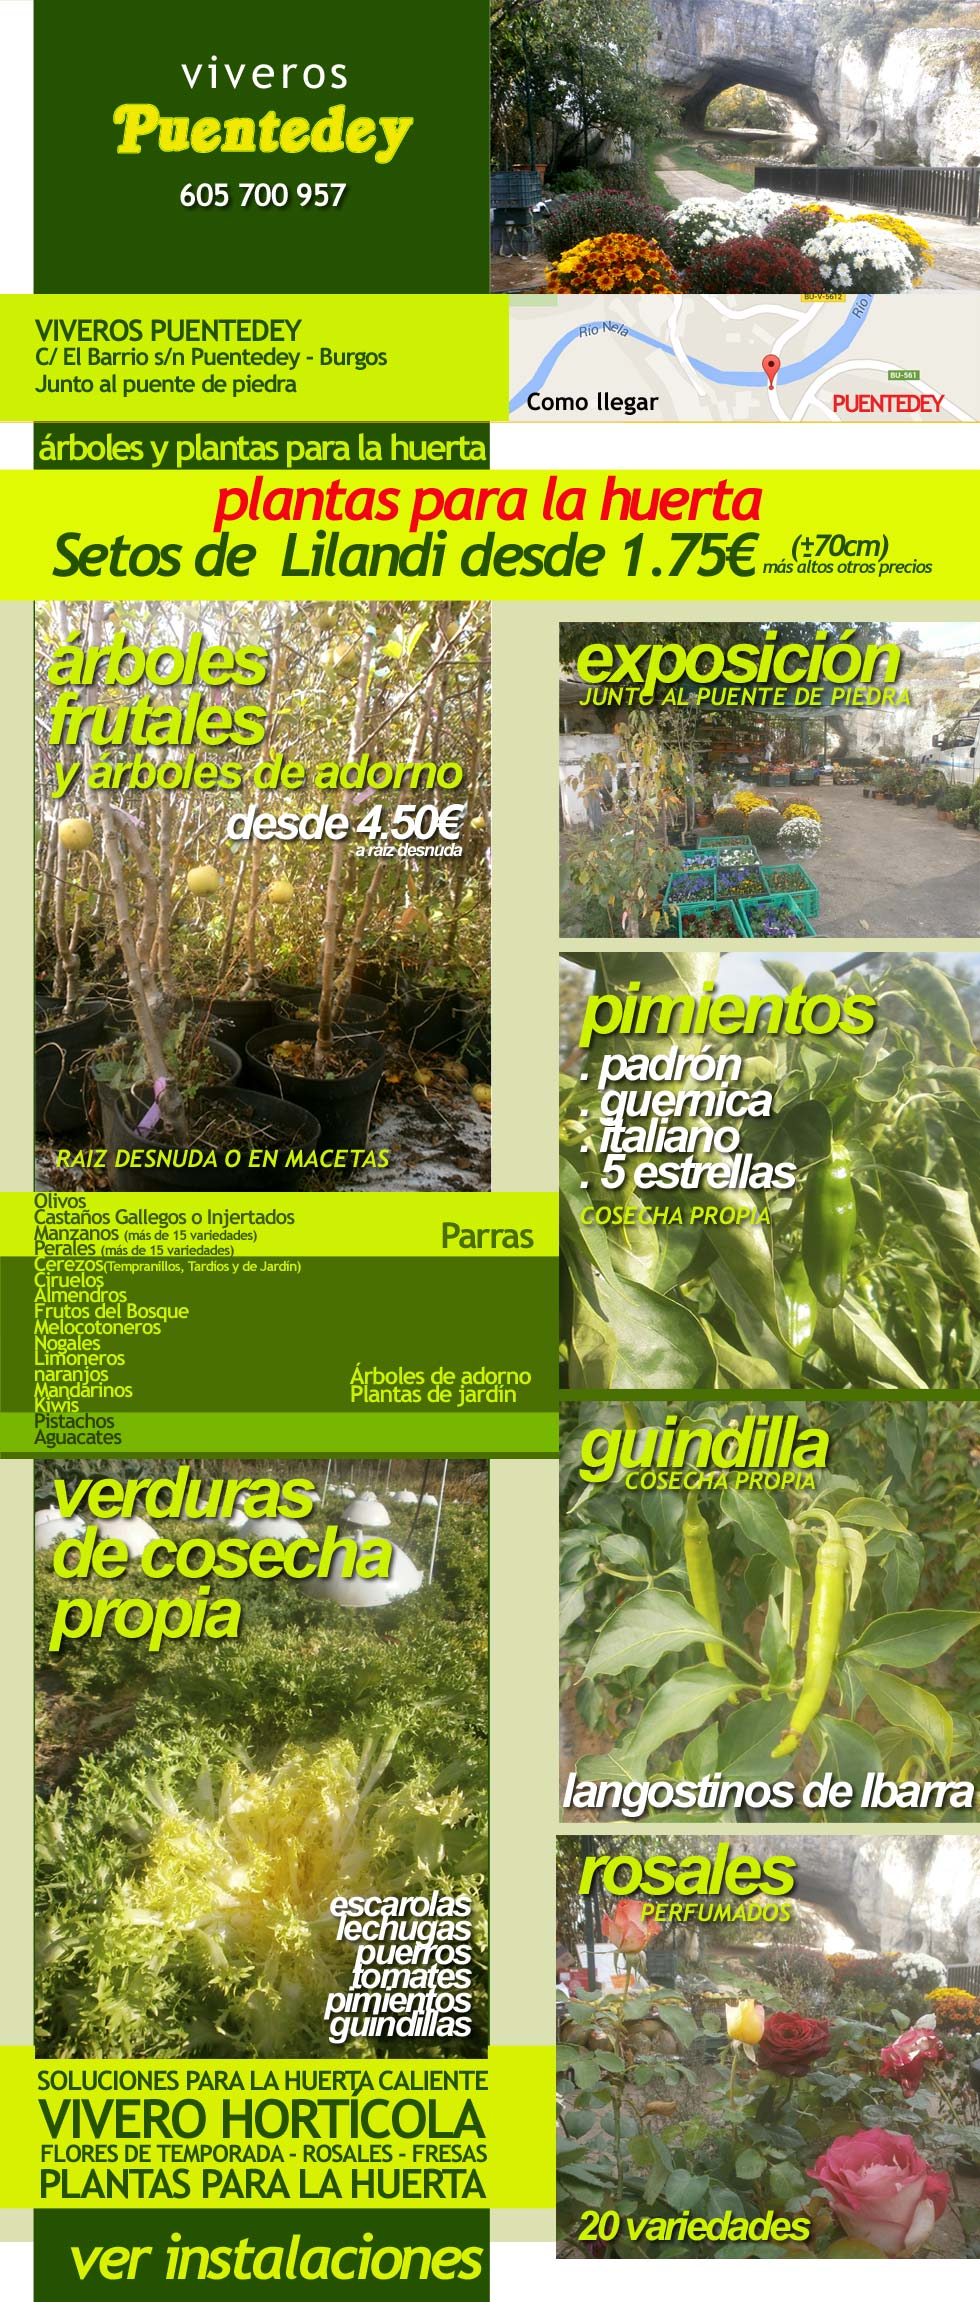 Viveros de arboles frutales en bilbao y en burgos desde 4 for Viveros arboles frutales